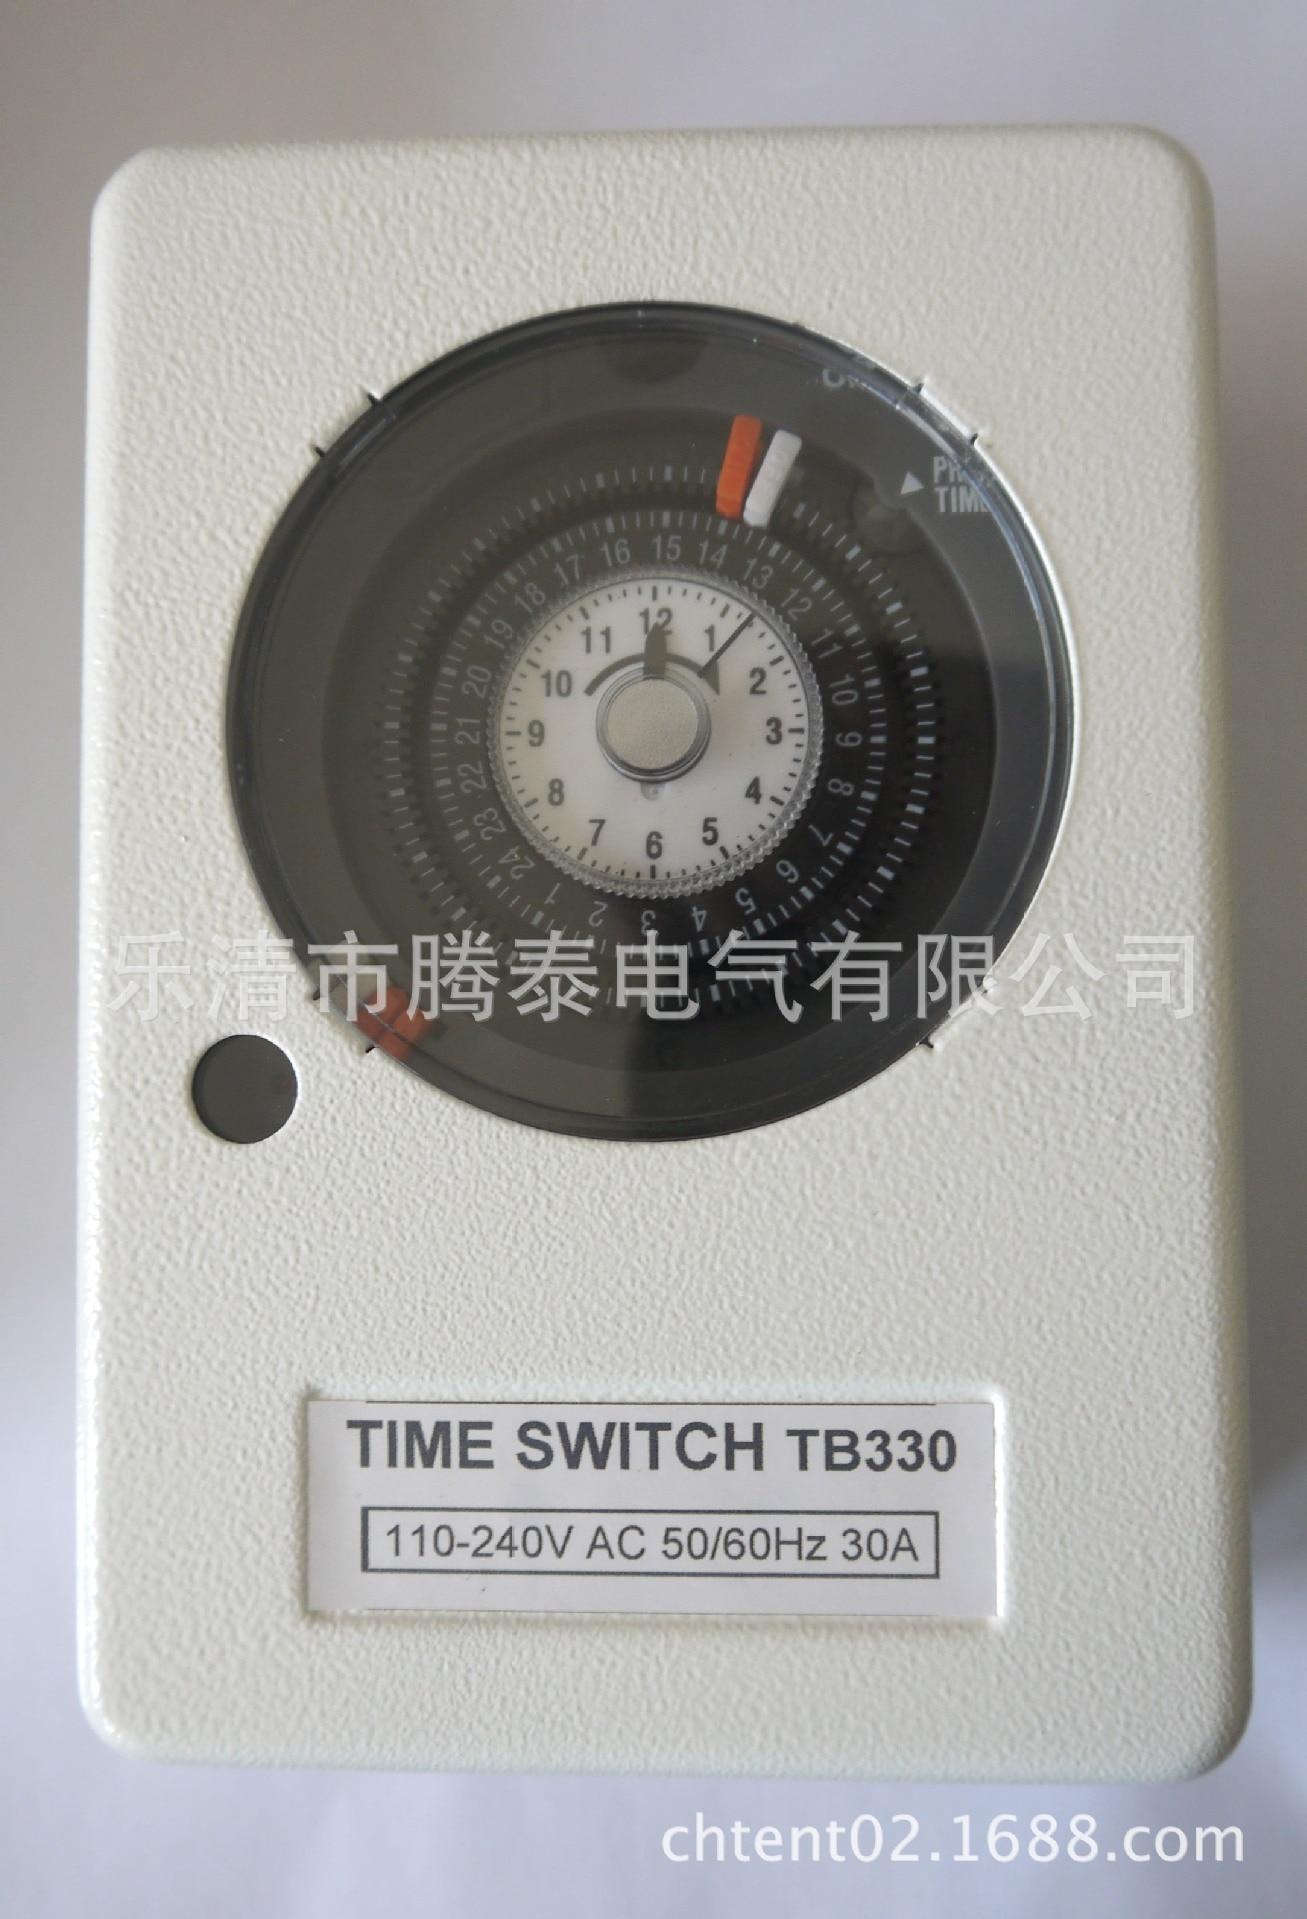 Interrupteur de contrôle du temps minuterie mécanique interrupteur de contrôle du temps minuterie mécanique TB330